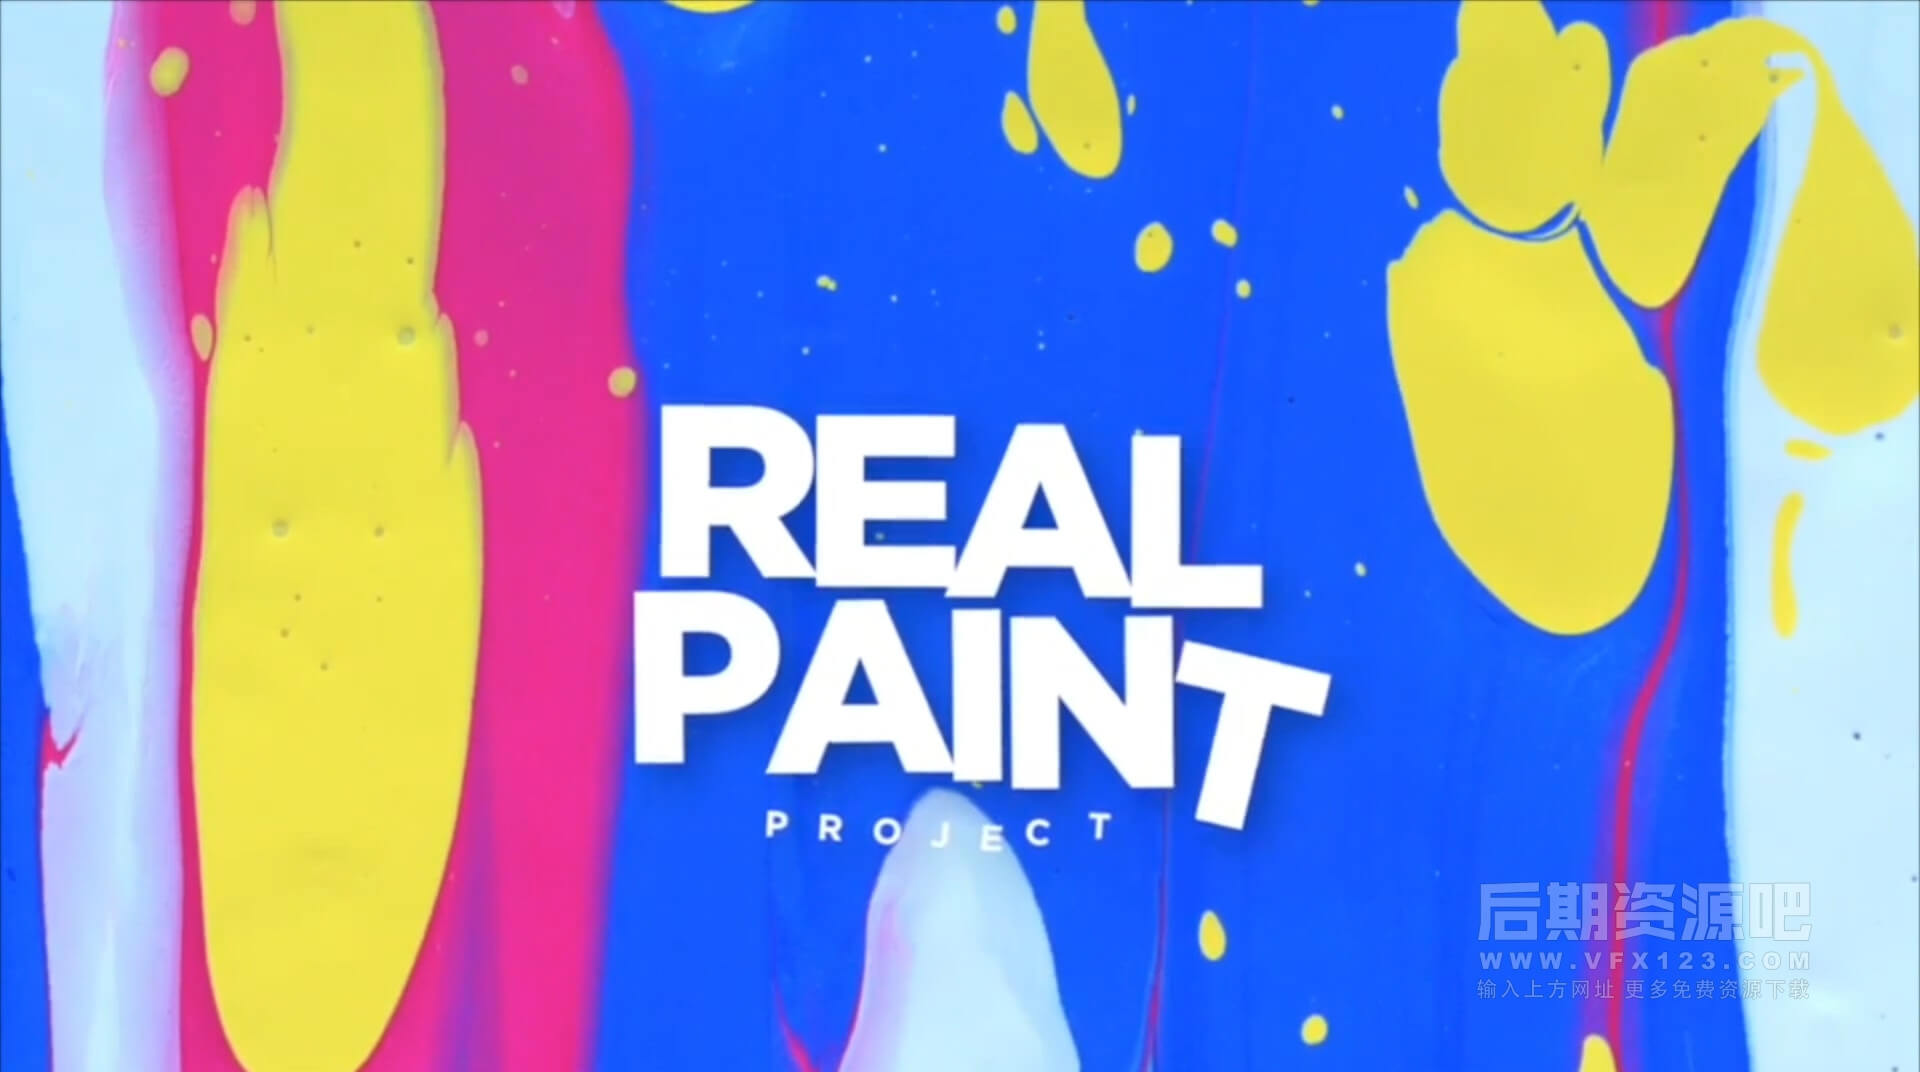 Motion模板 色彩斑斓彩色喷墨特效写真模板 Paint World